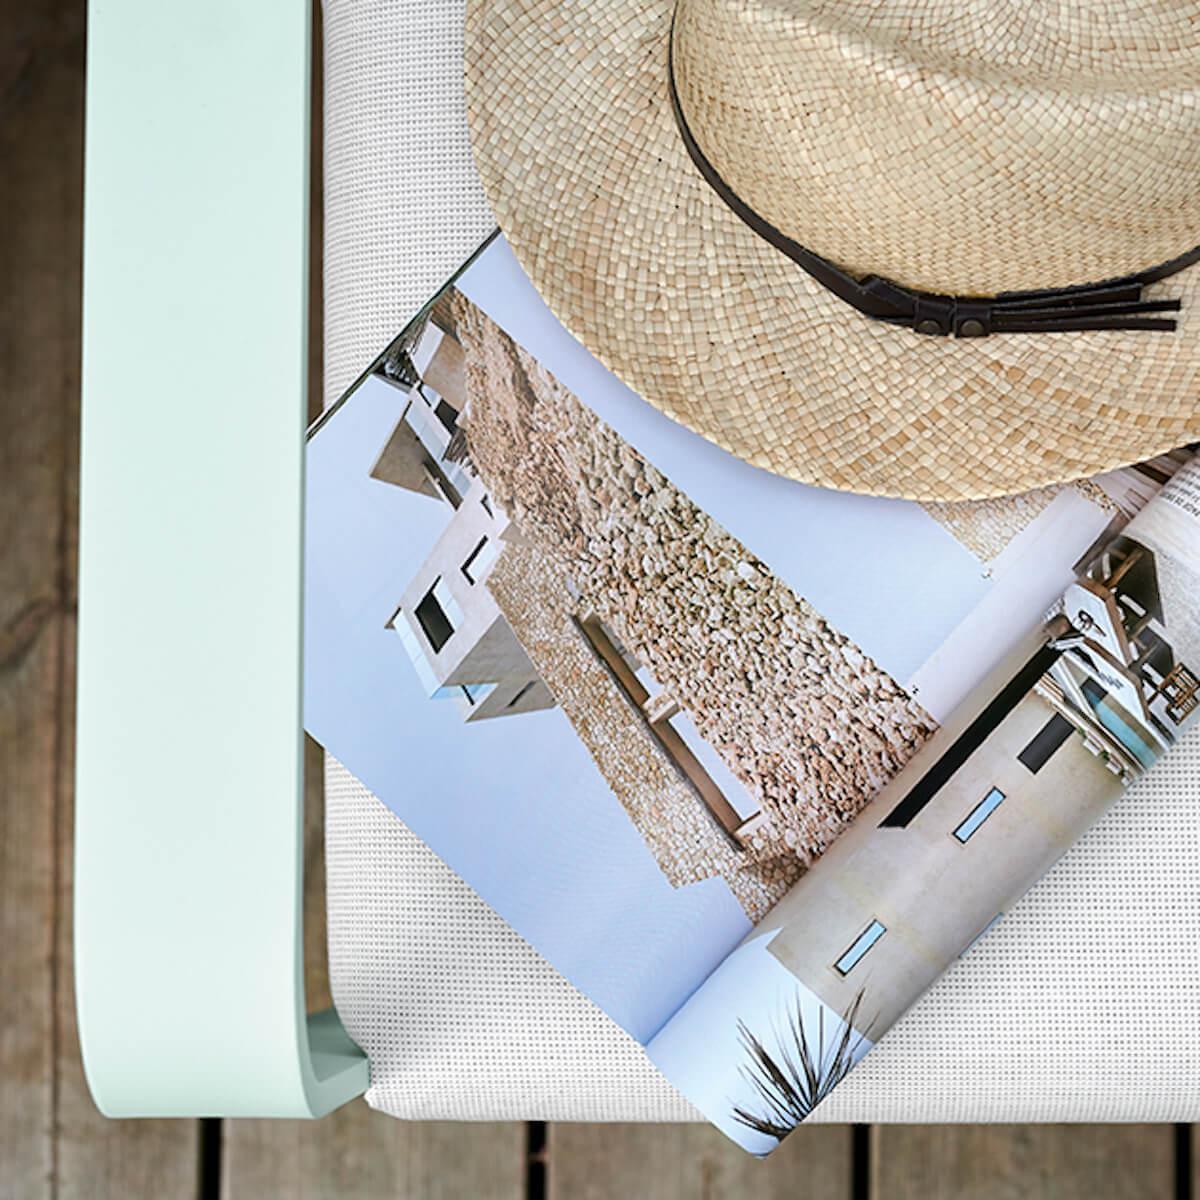 Fauteuil de jardin BELLEVIE Fermob cèdre-blanc grisé